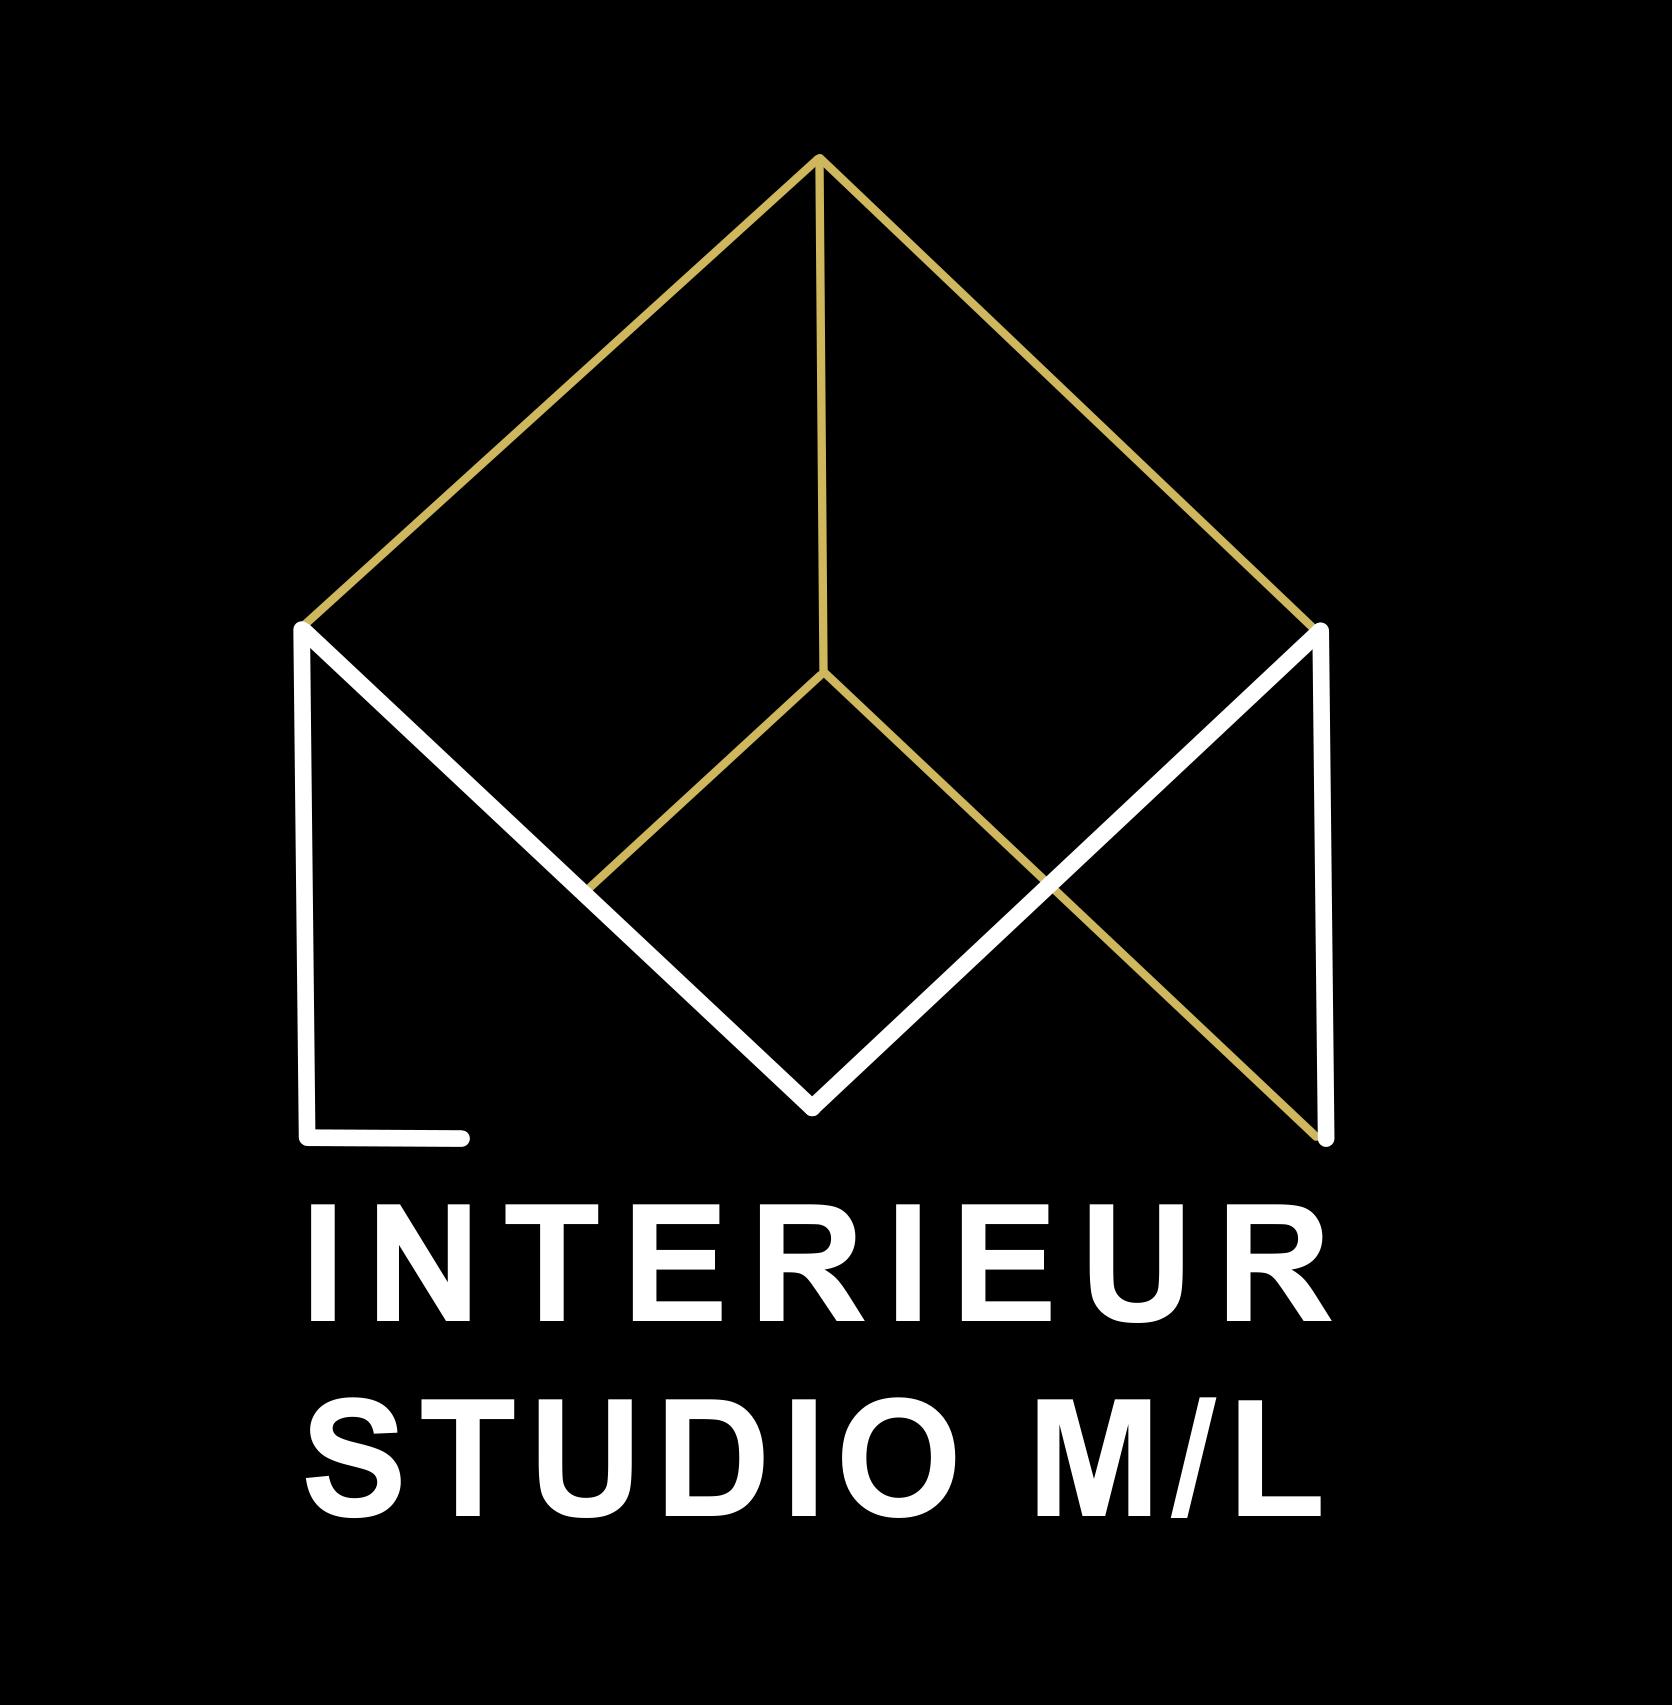 Interieurstudio M/L